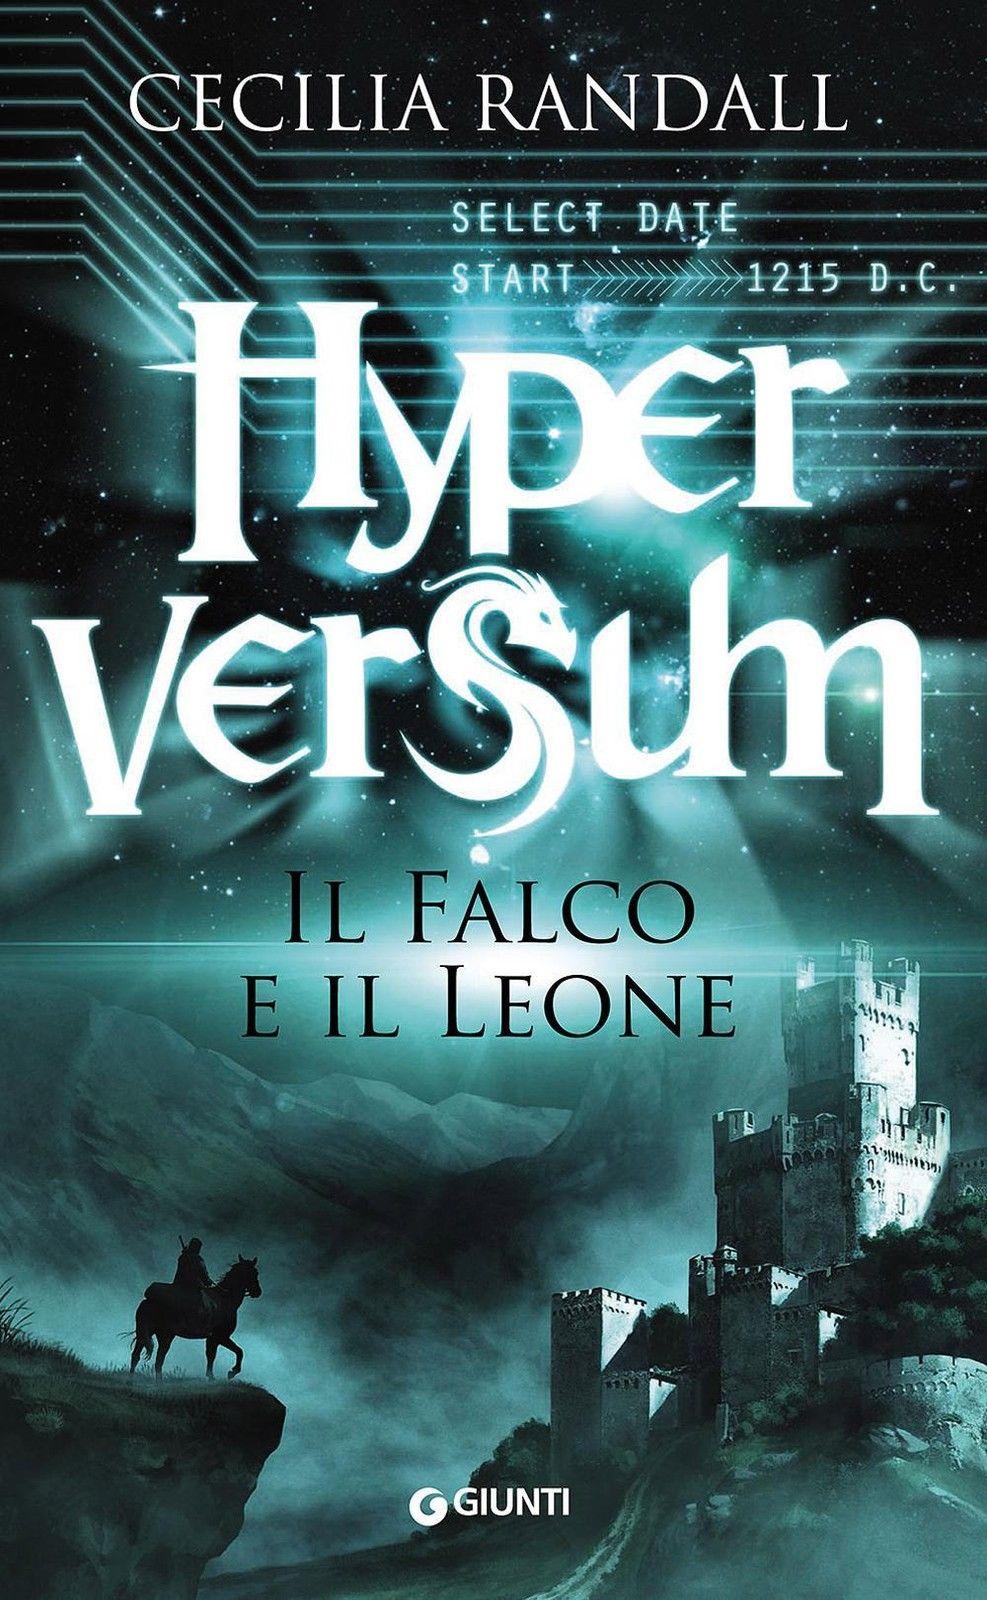 Il falco e il leone. Hyperversum. Vol. 2 - Randall Cecilia